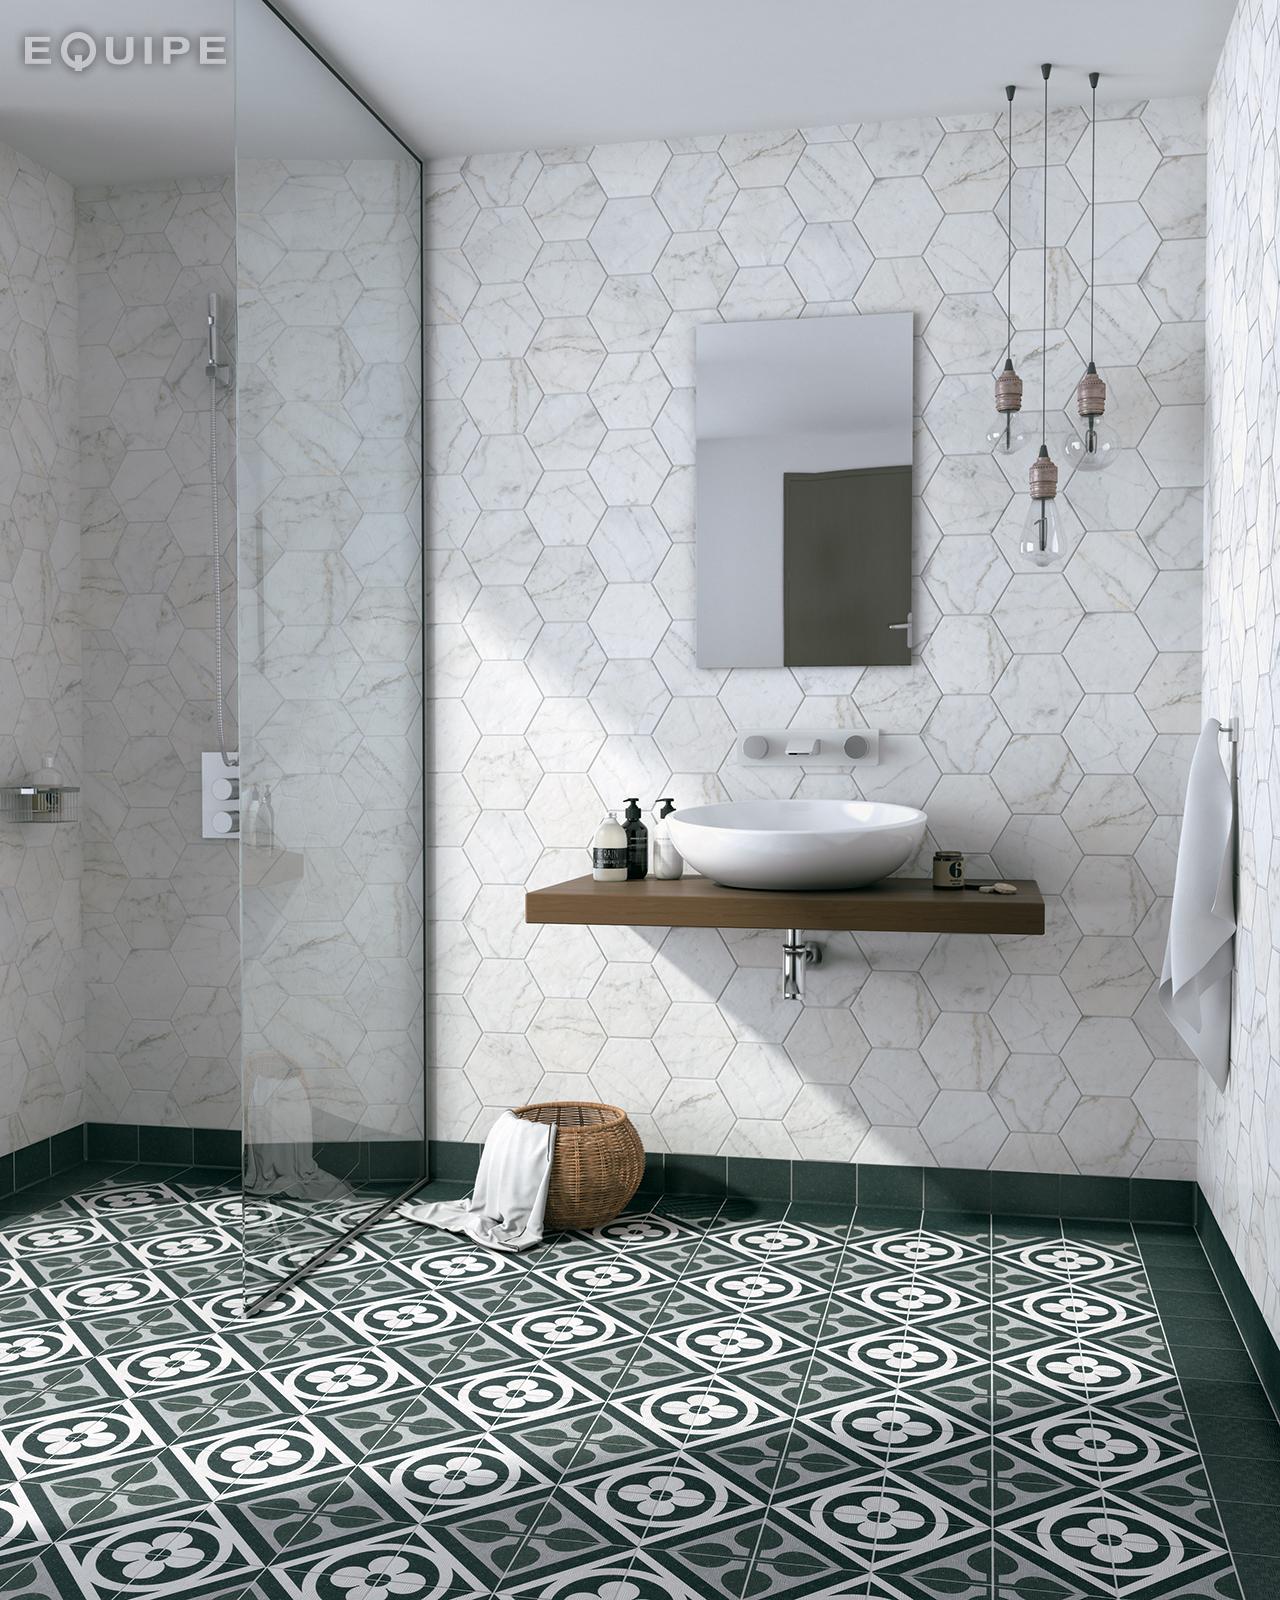 Carrara_hexatile_wall_bathroom